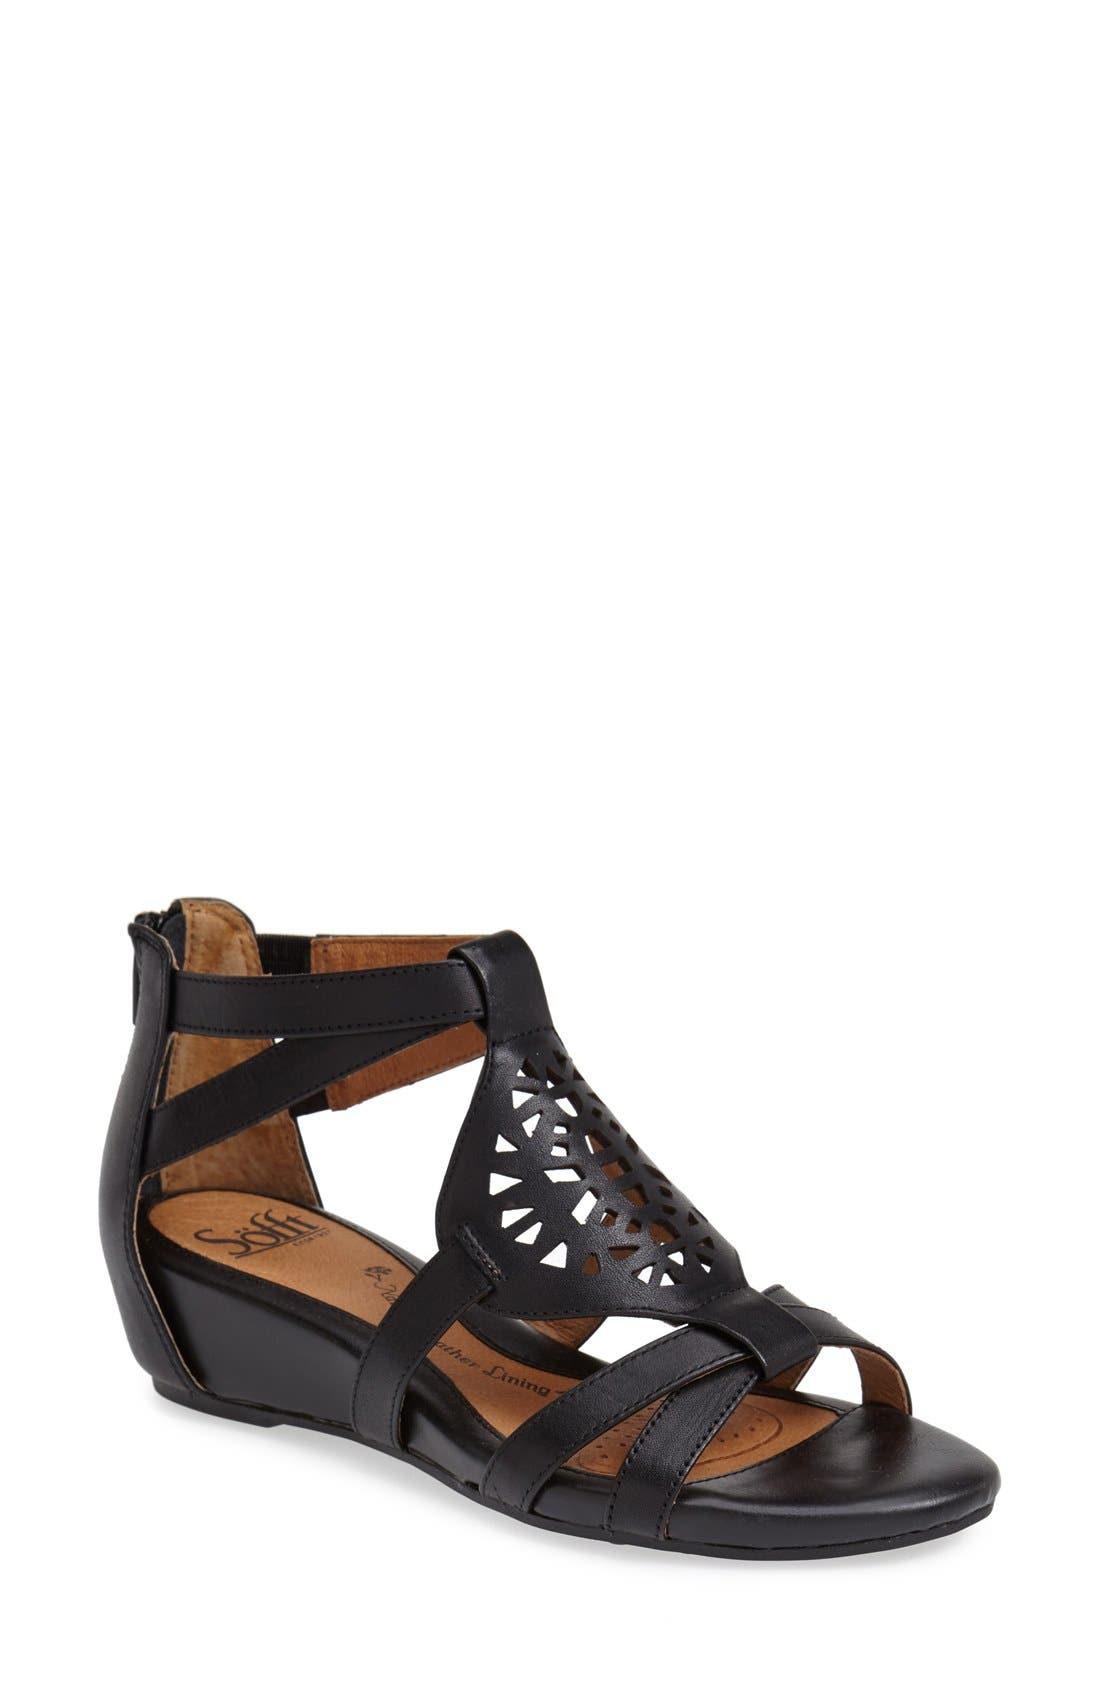 'Breeze' Sandal, Main, color, 001